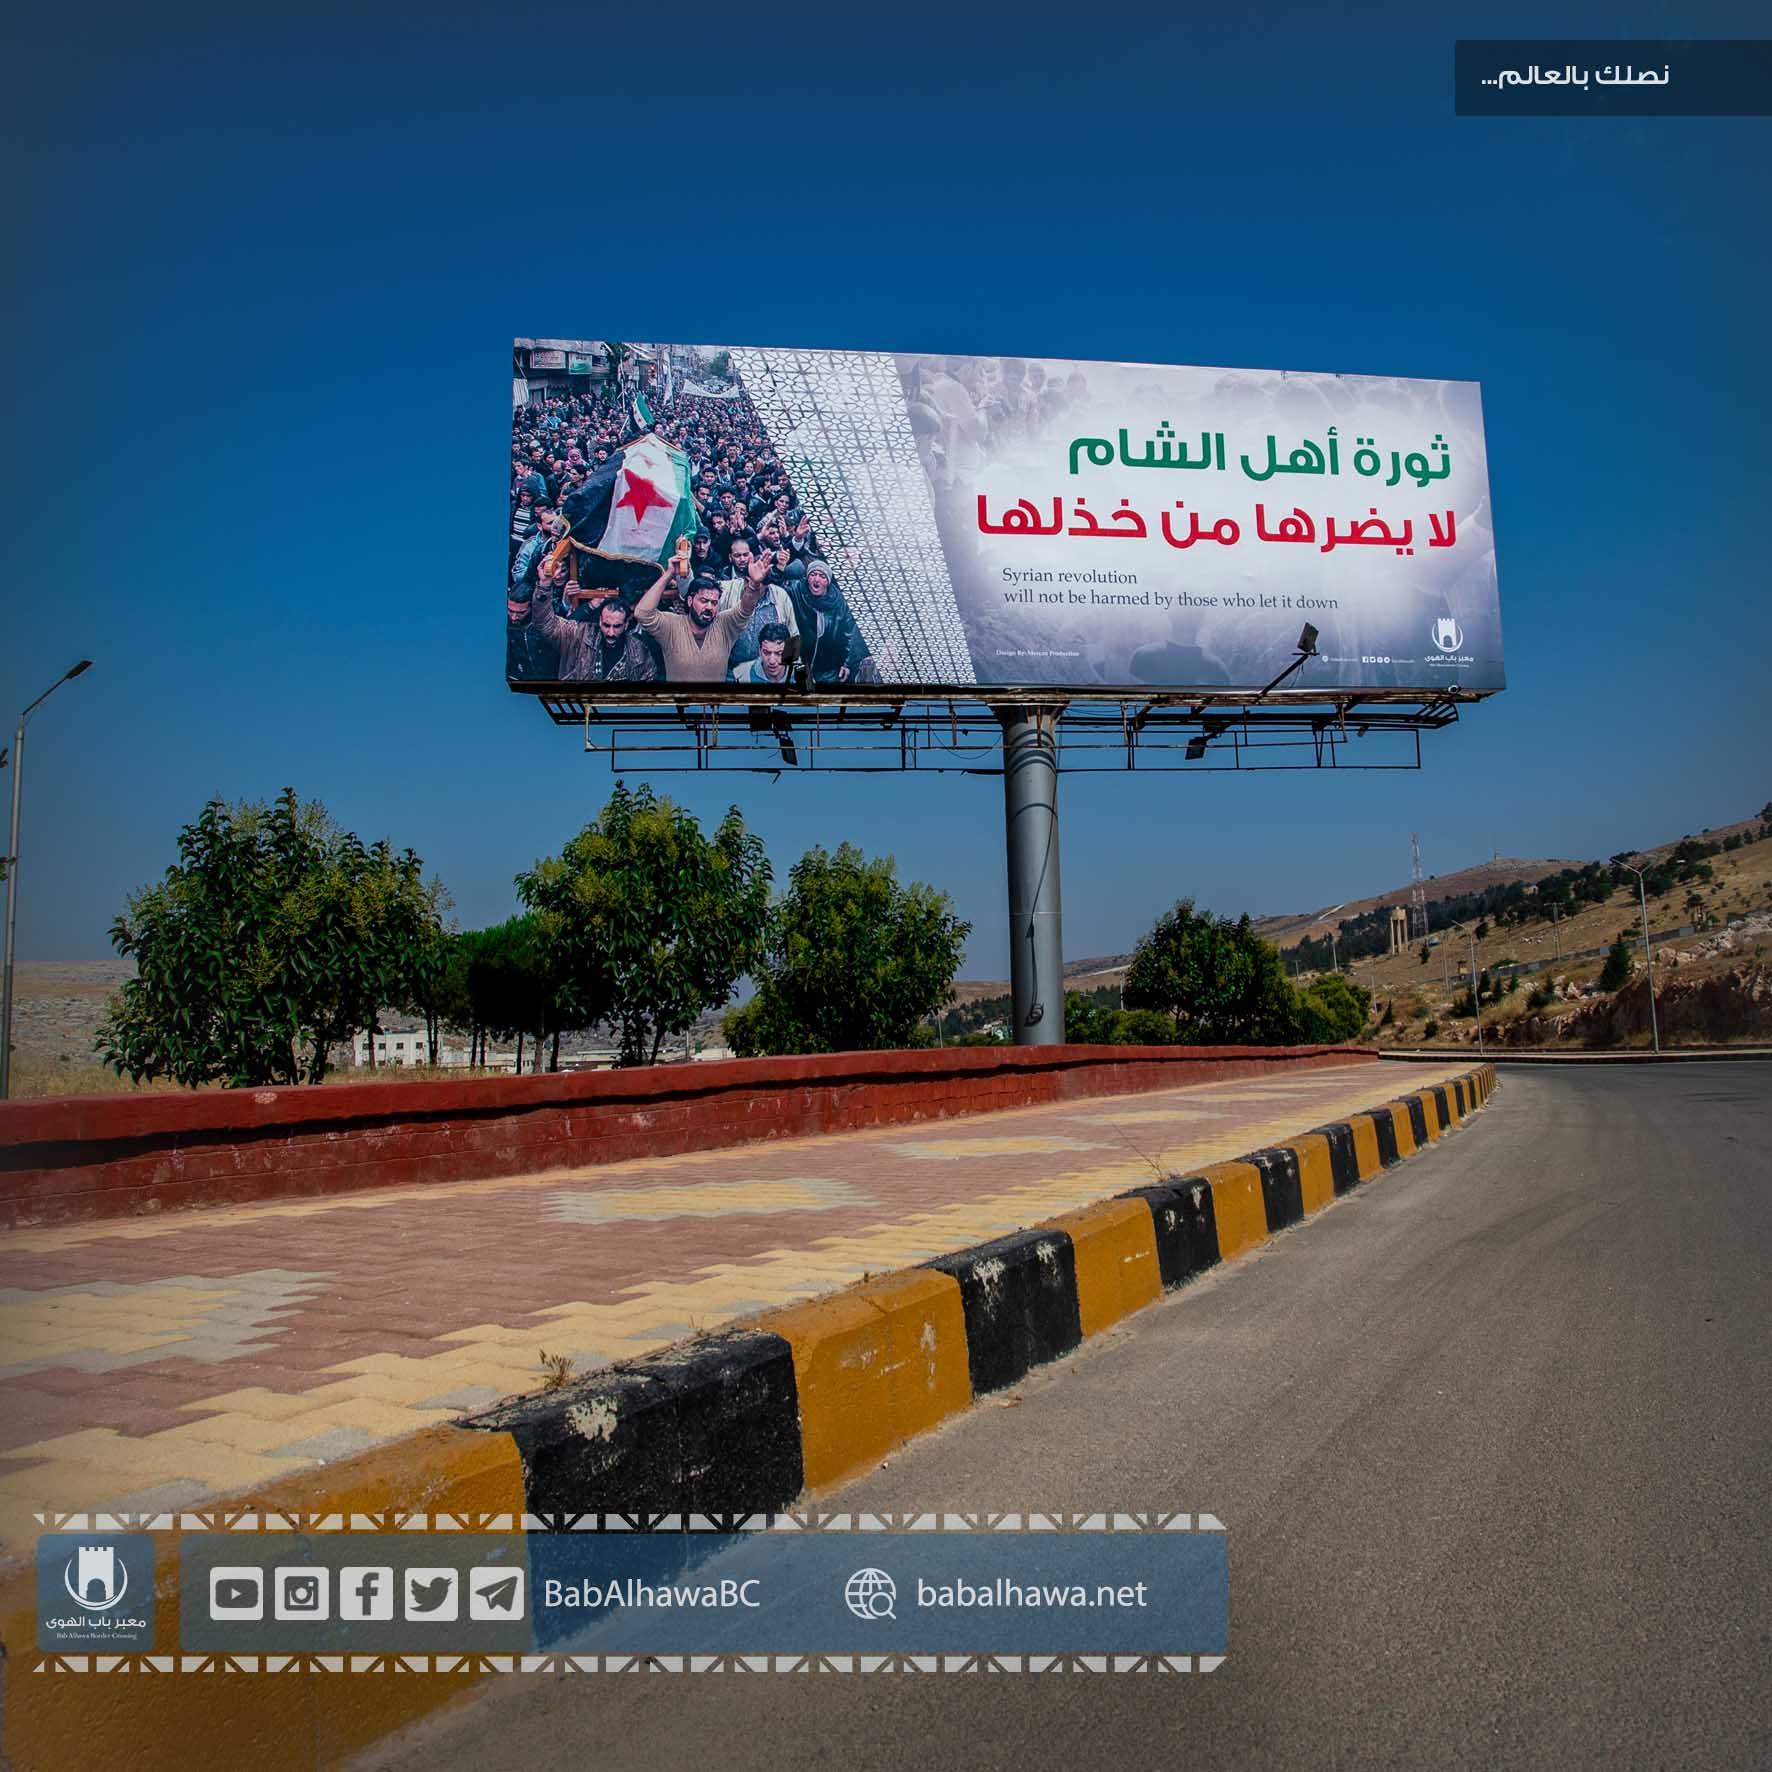 ثورة أهل الشام لا يضرها من خذلها - باب الهوى